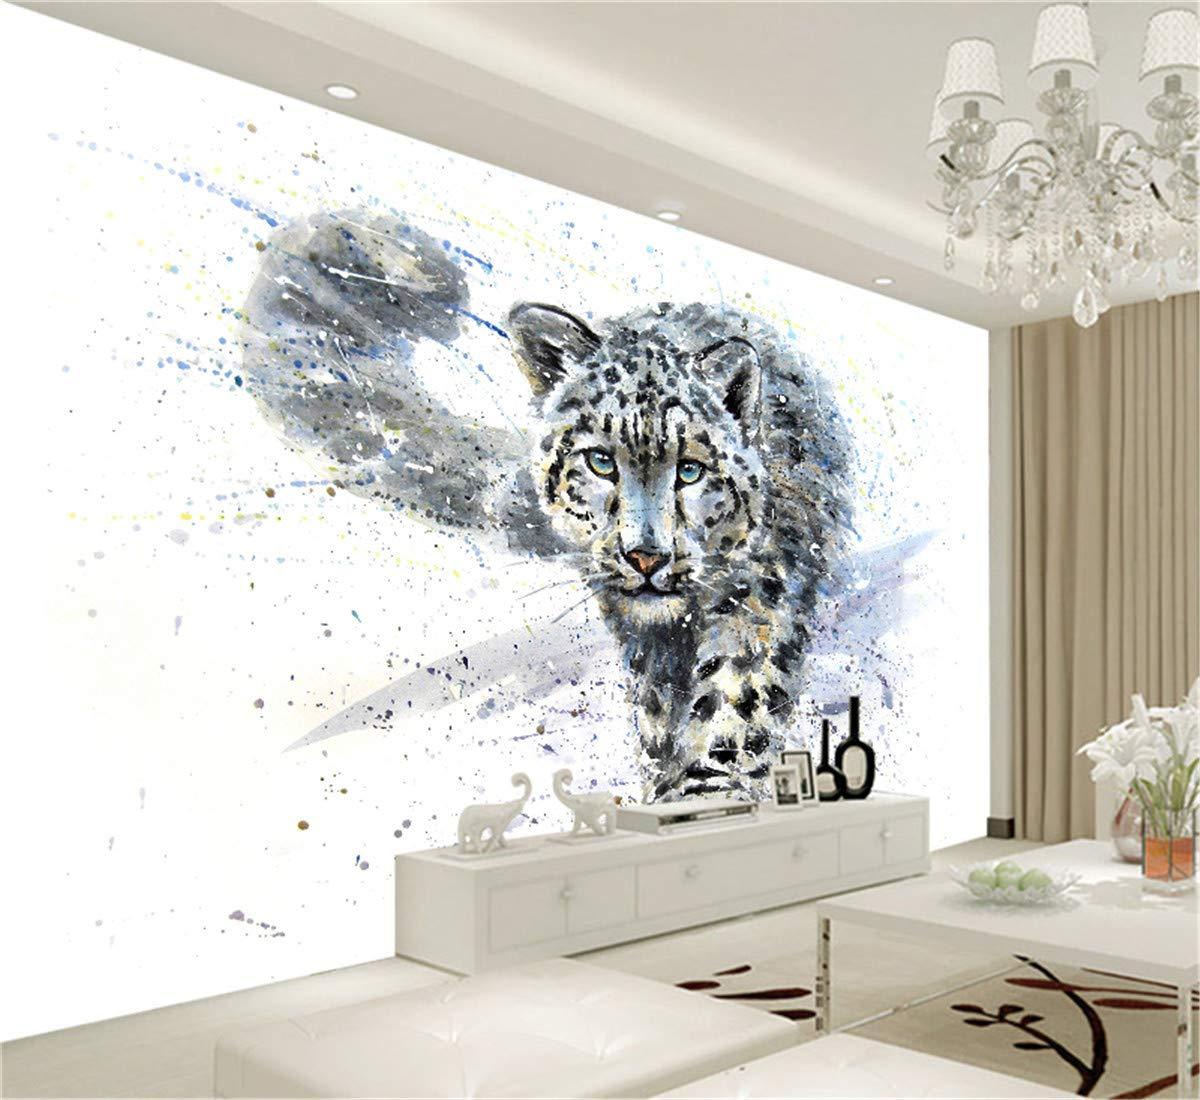 3D Kreative Kunstdrucke Bilder Blaue Augen Leopard Tiger Leinwand Ölgemälde Ölgemälde Ölgemälde Tapete Schwarz Und Weiß Tier Poster Home Deco, 300 cm X 210 cm c3e5b2